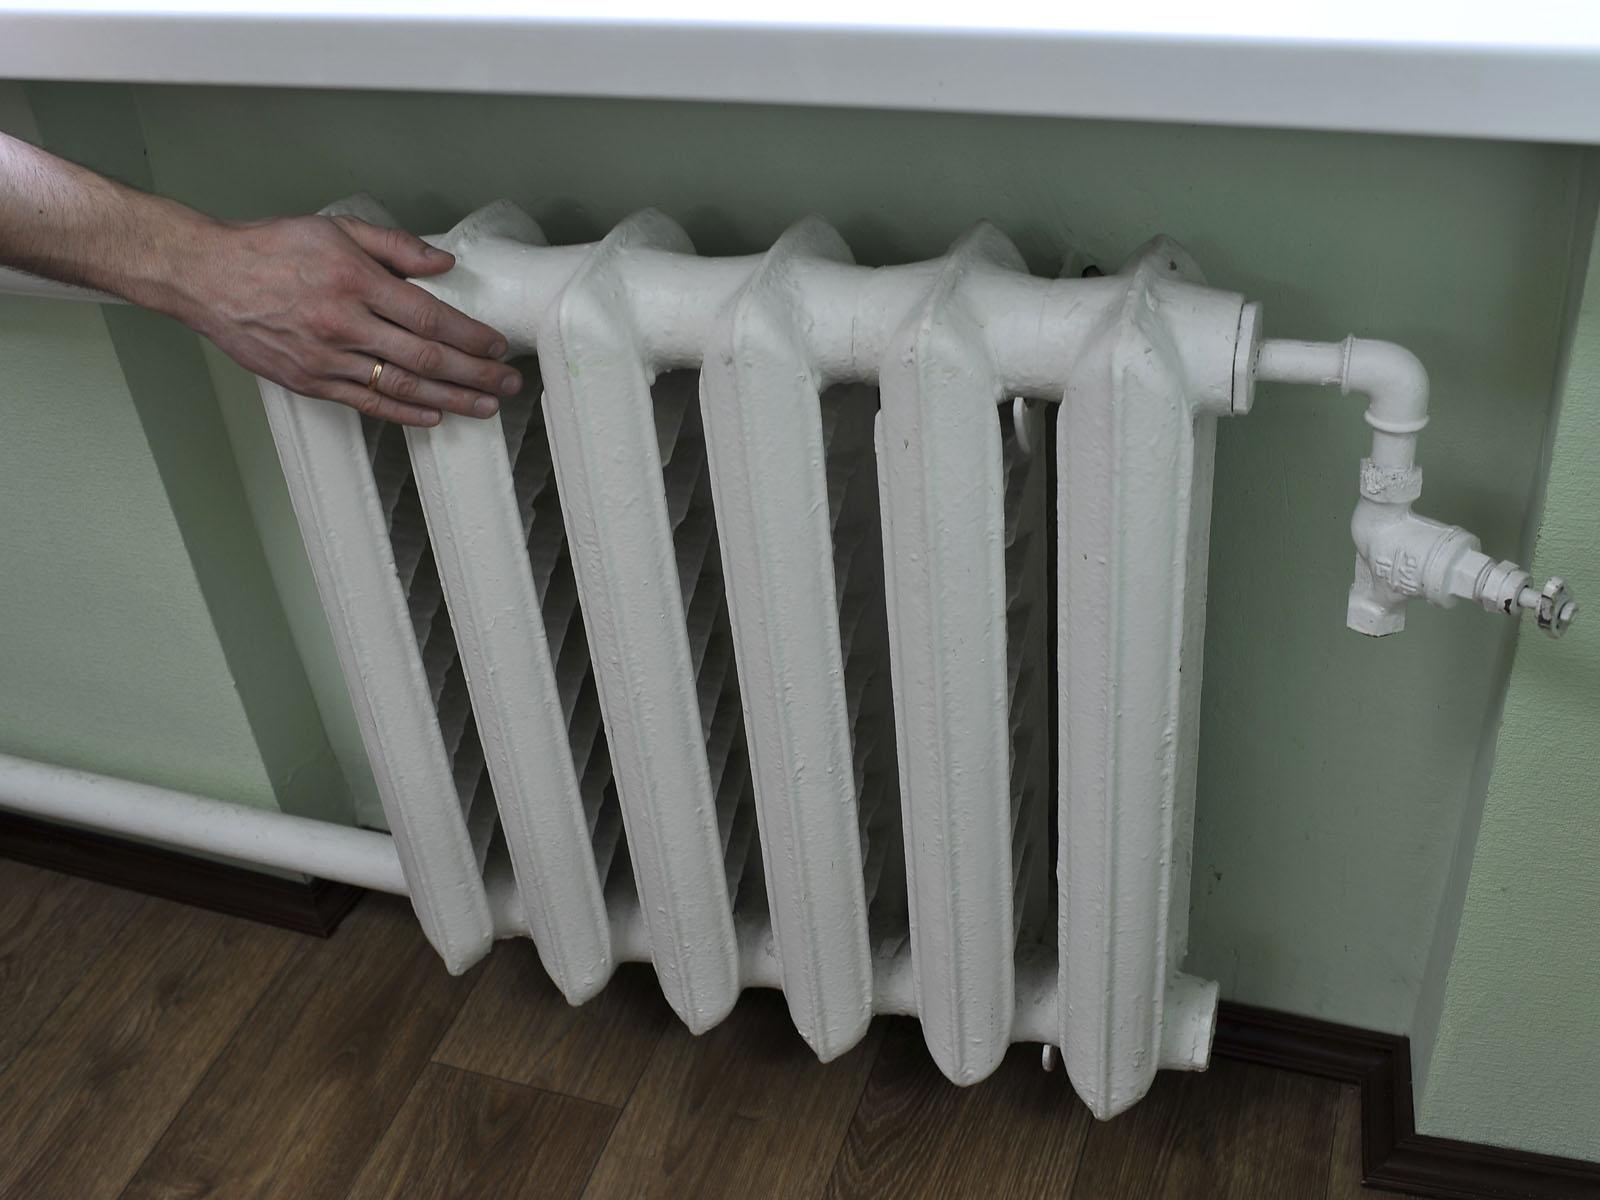 Откуда появляется воздух в системе отопления?